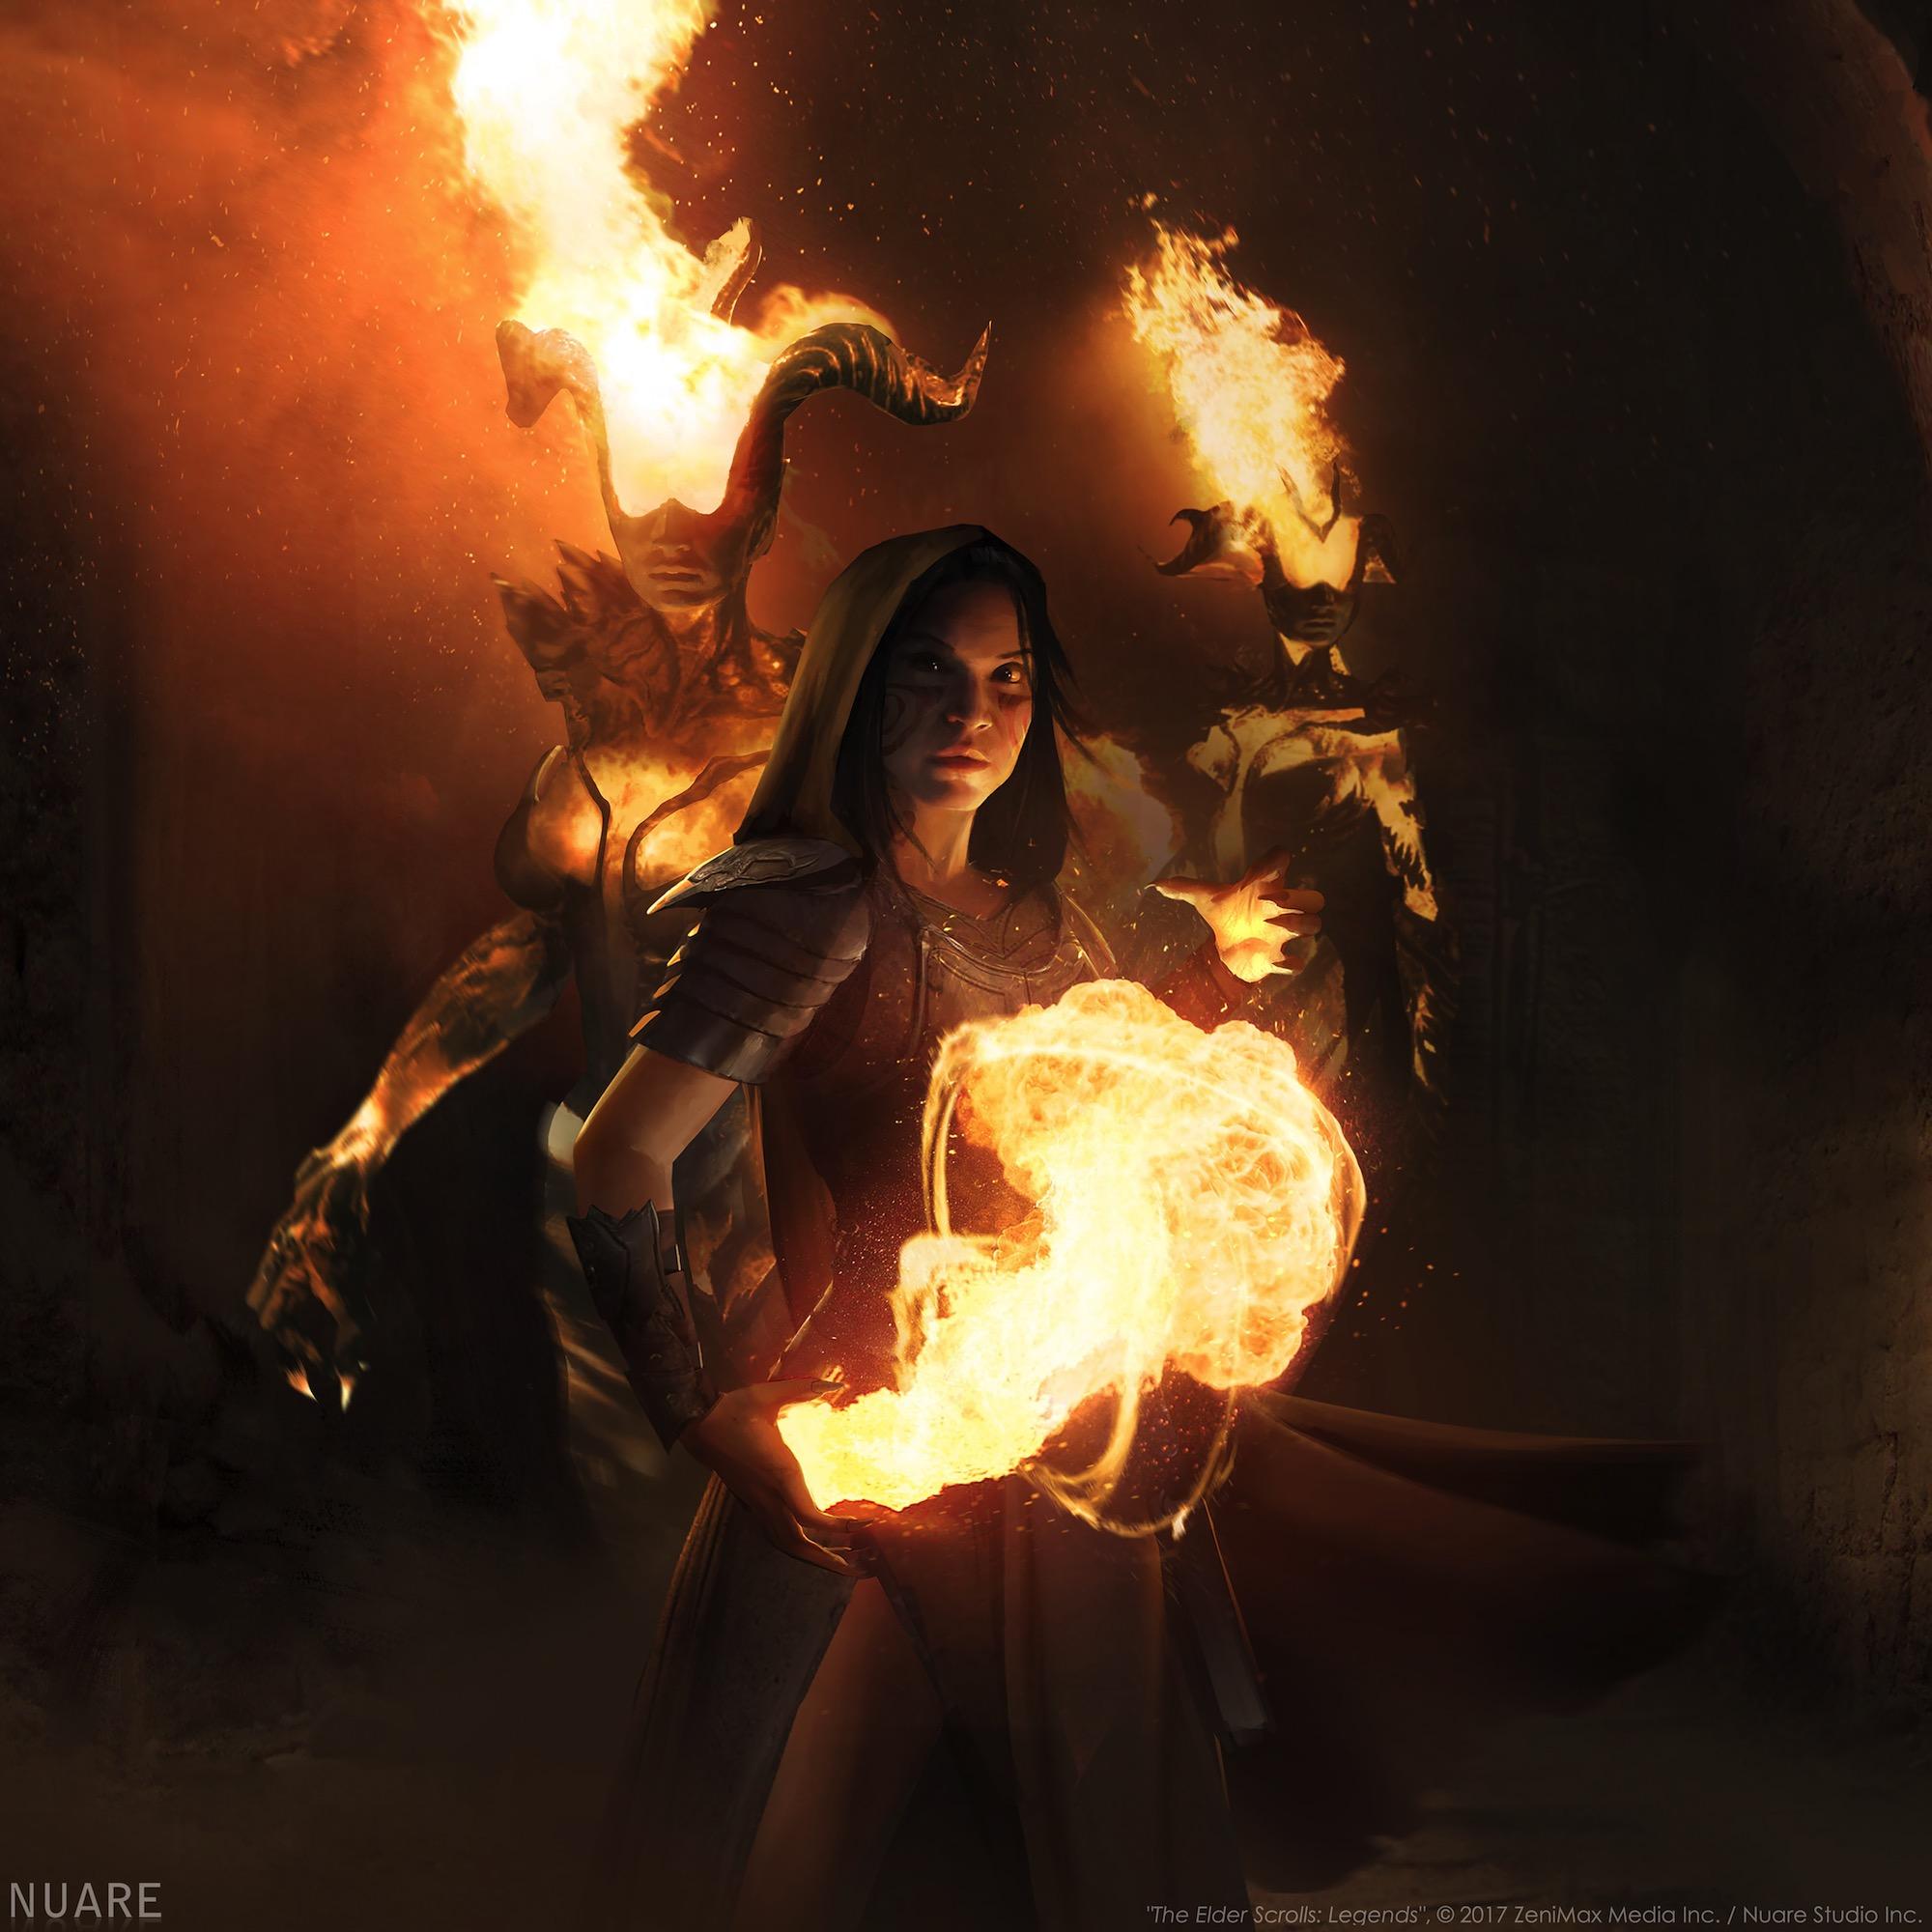 """""""The Elder Scrolls: Legends"""", © 2017 ZeniMax Media Inc. / Nuare Studio Inc."""